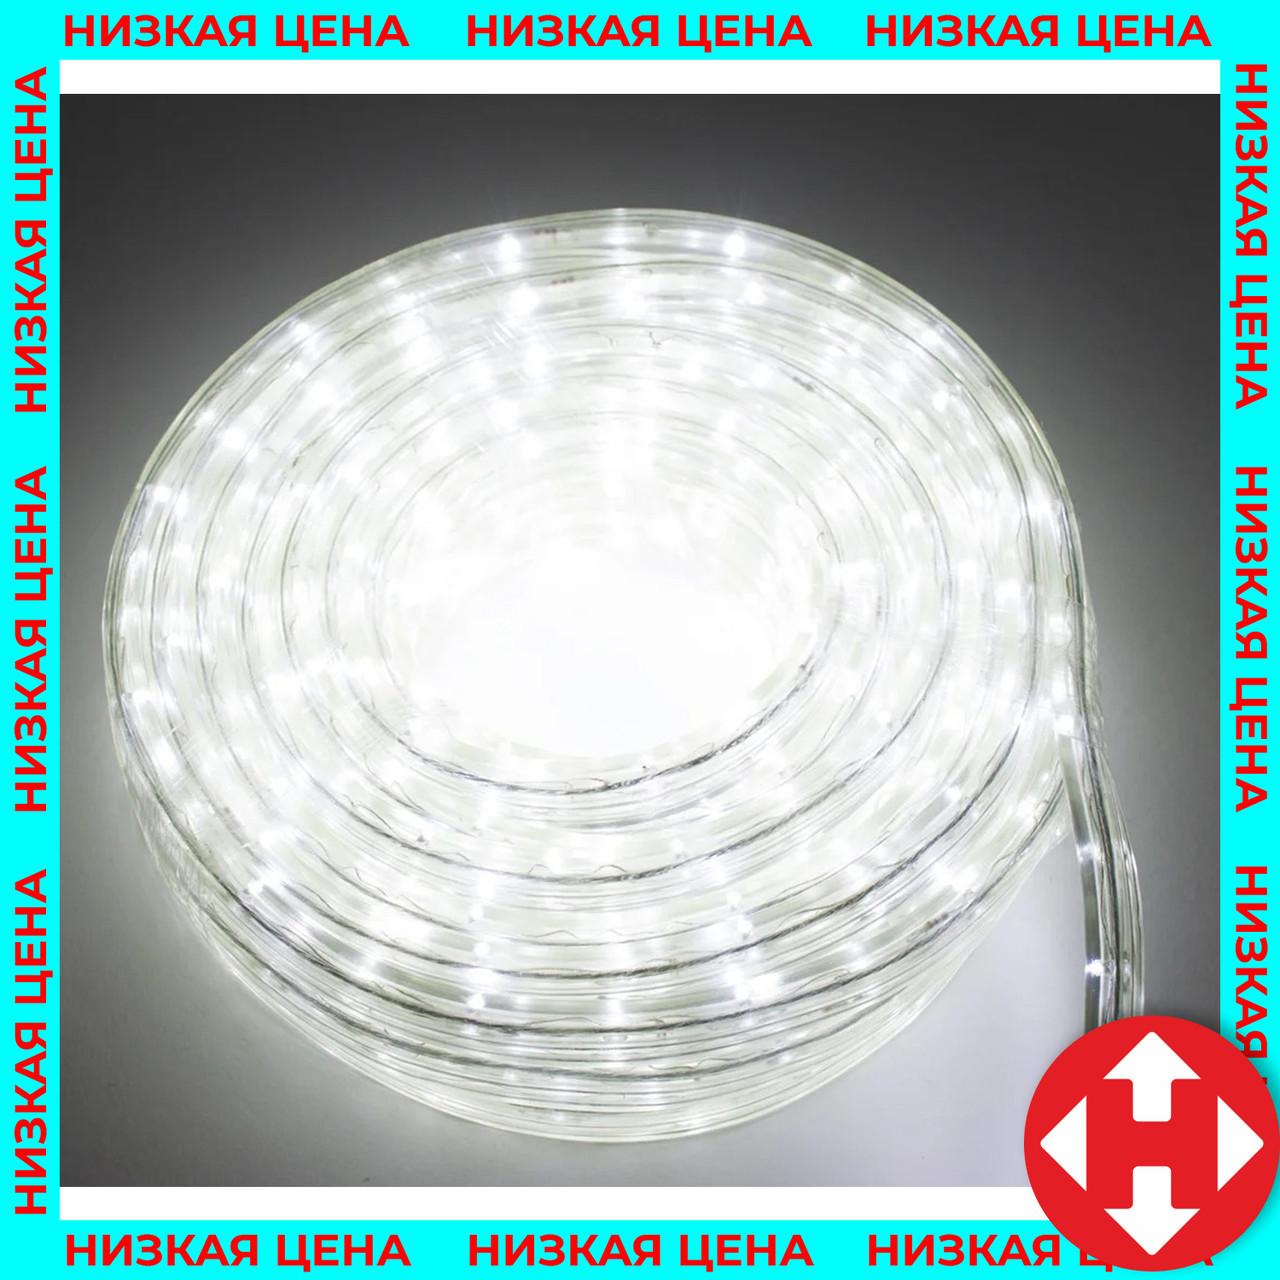 Светодиодная гирлянда дюралайт, уличная, LED (белый свет), 10 метров, (доставка по Украине)